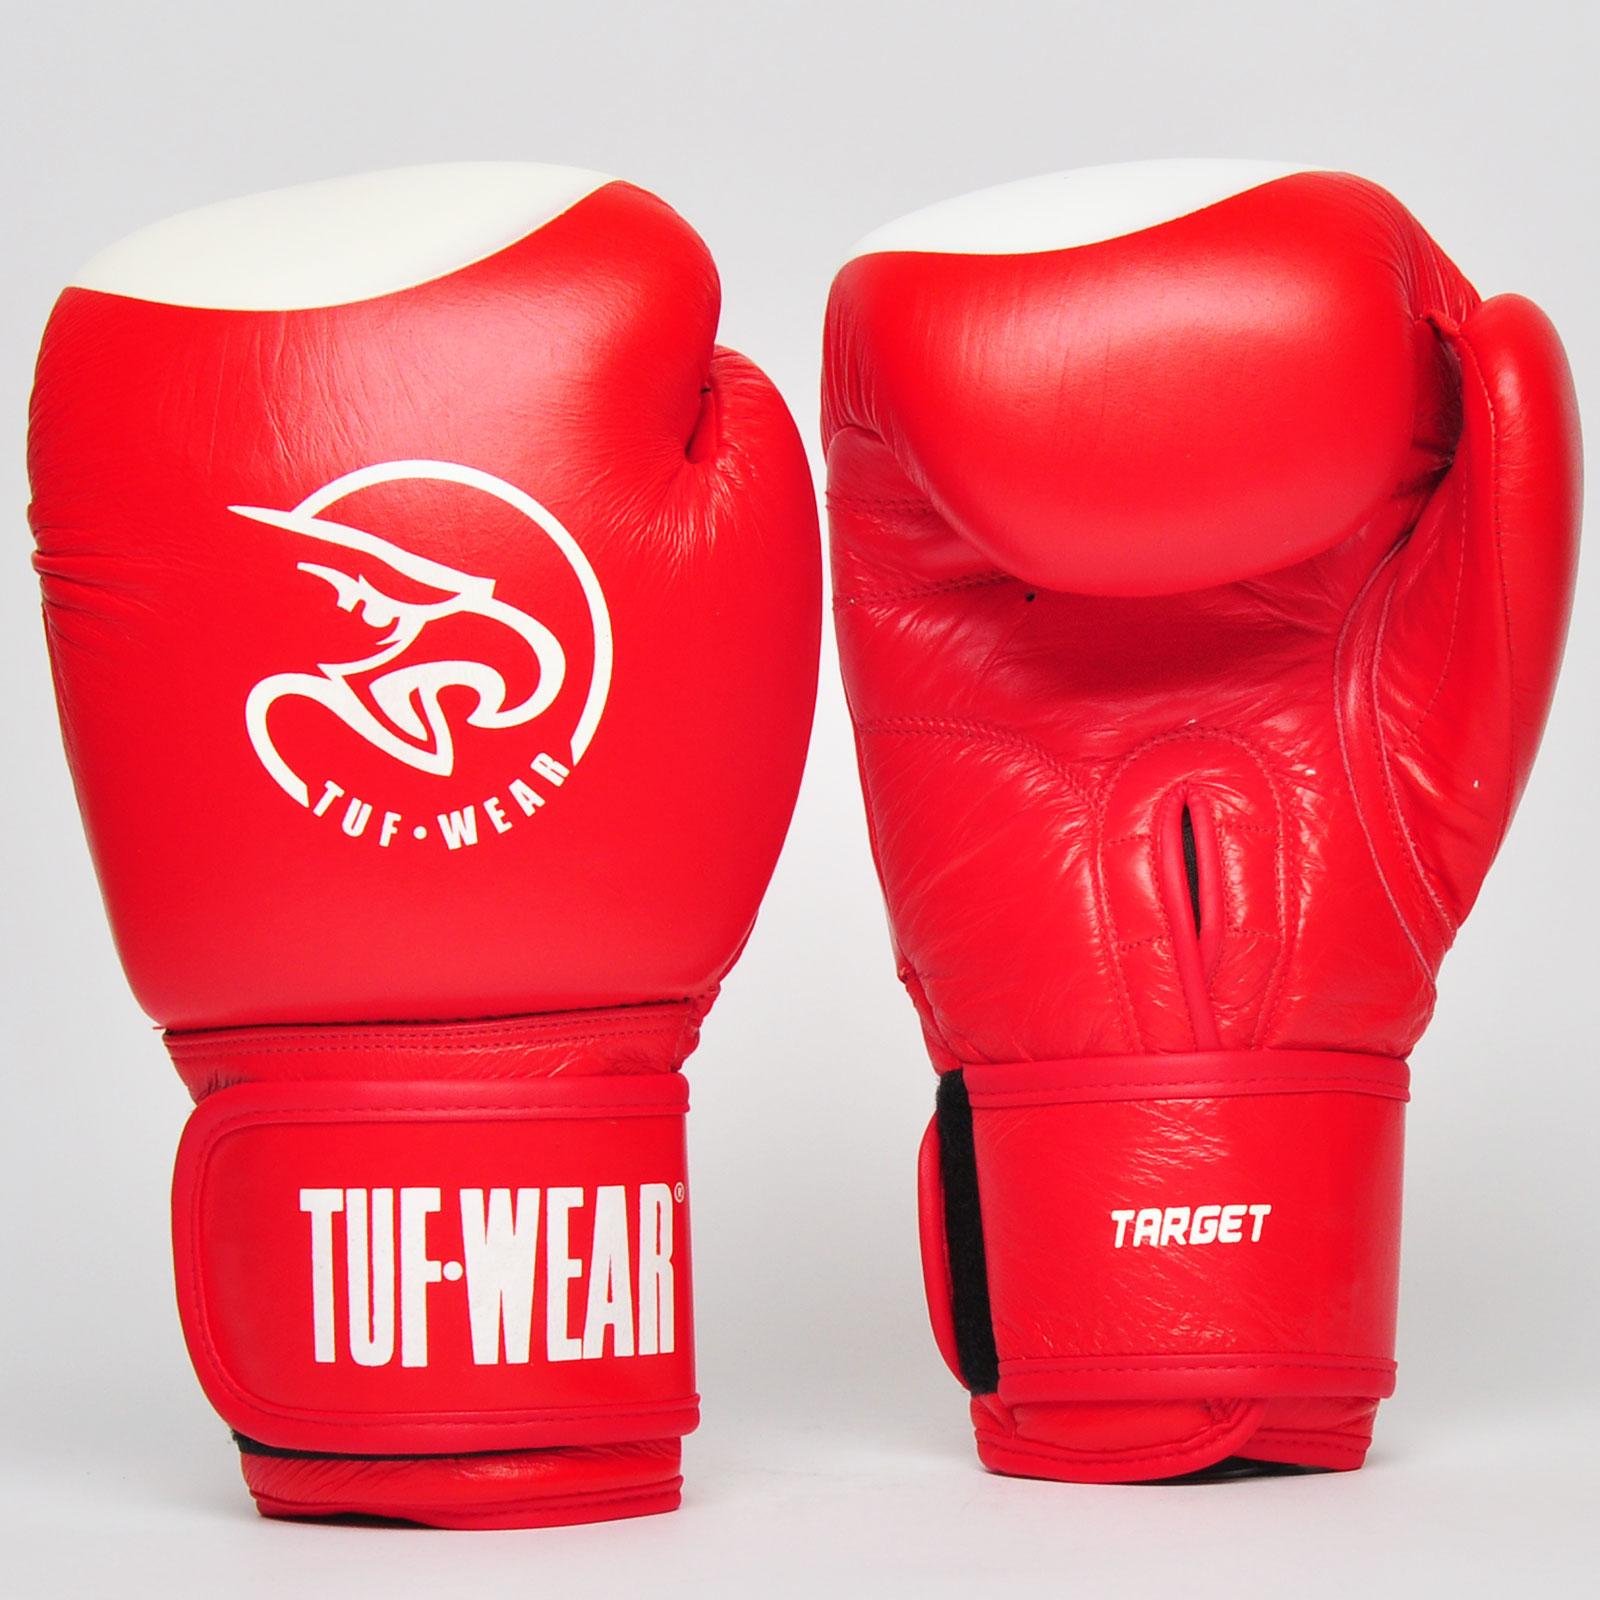 Tuf Wear Boxing Spare Speedball Bladder